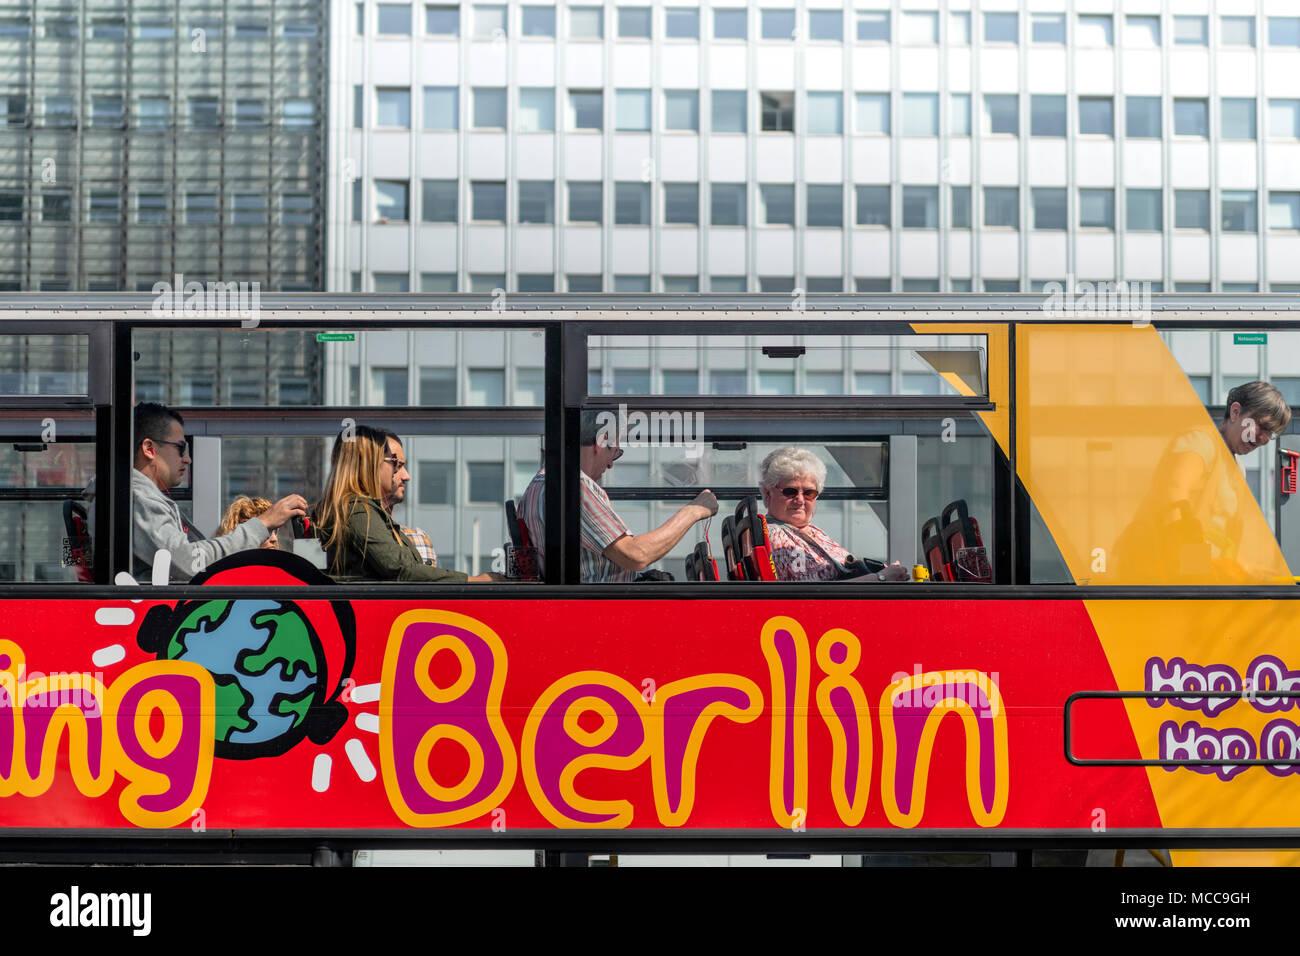 Les gens s'assoient sur le pont supérieur d'un des nombreux 'Hop On, Hop Off' des bus qui sont une attraction touristique dans la capitale allemande de Berlin. Banque D'Images